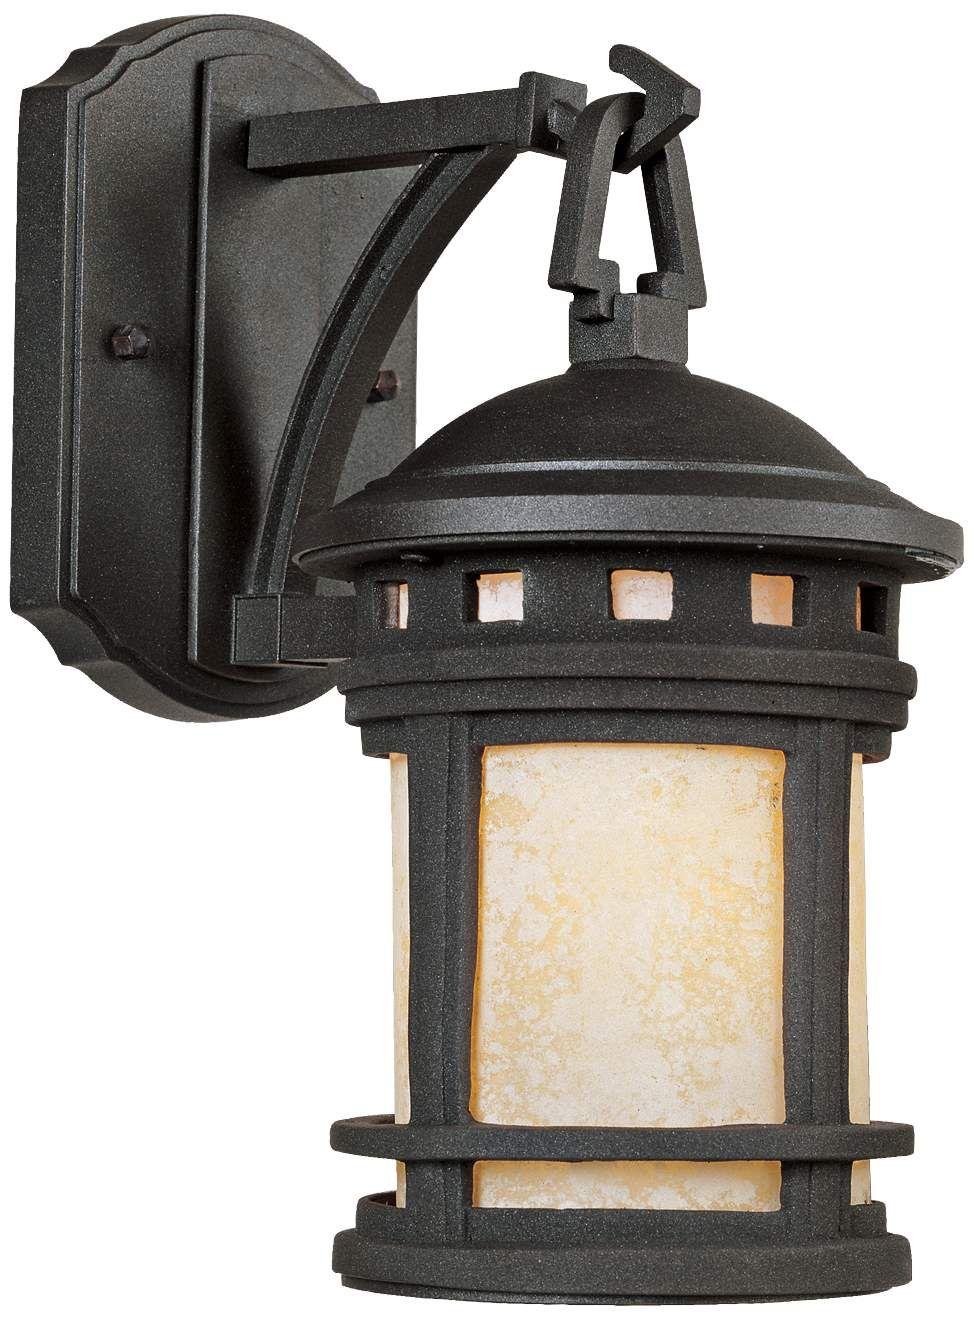 mediterranean outdoor lighting. Sedona 10 3/4\ Mediterranean Outdoor Lighting S